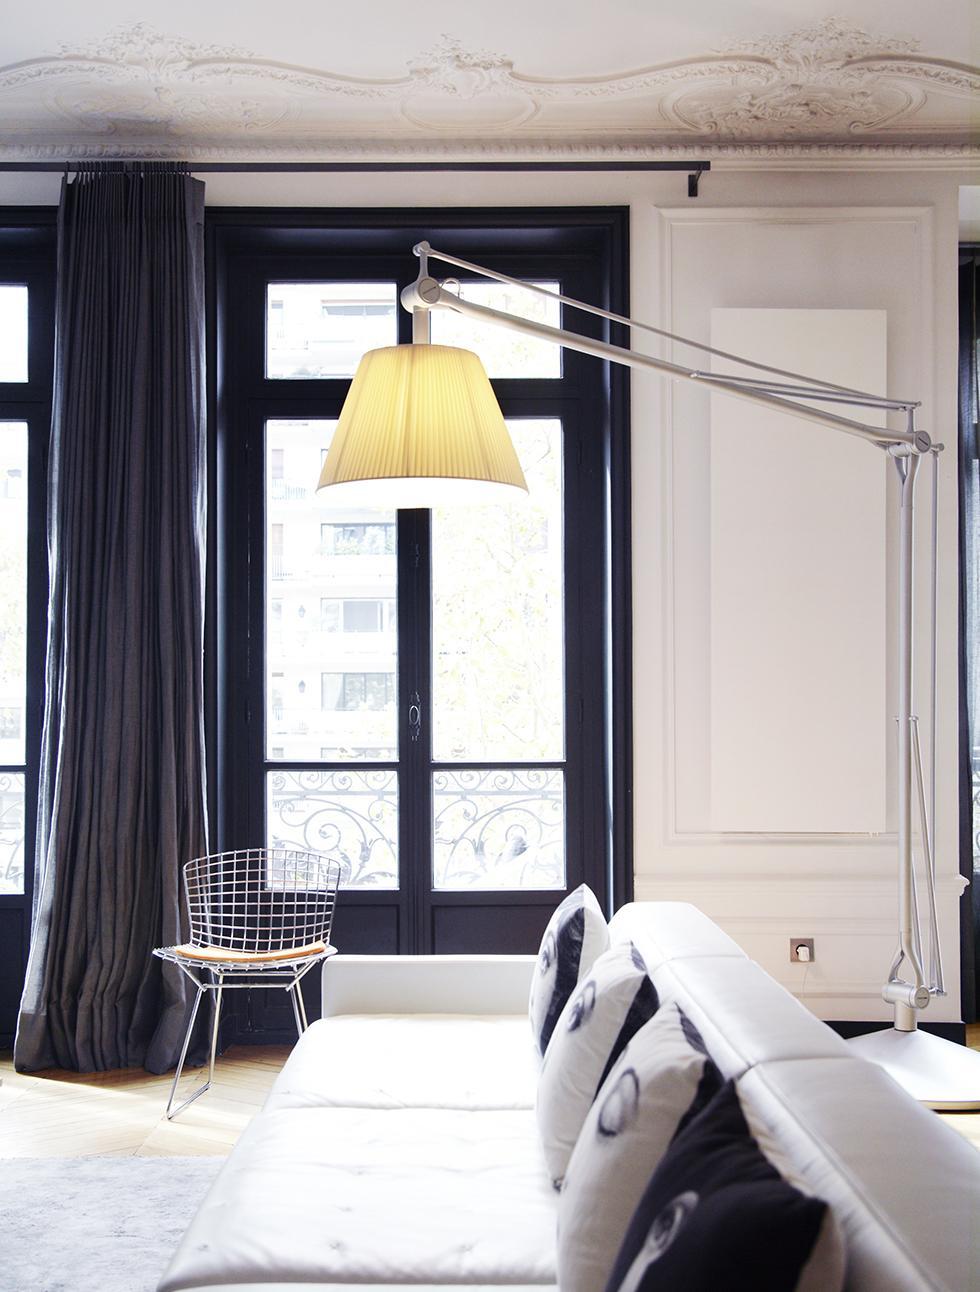 Бюджетный ремонт в однокомнатной квартире монохромный